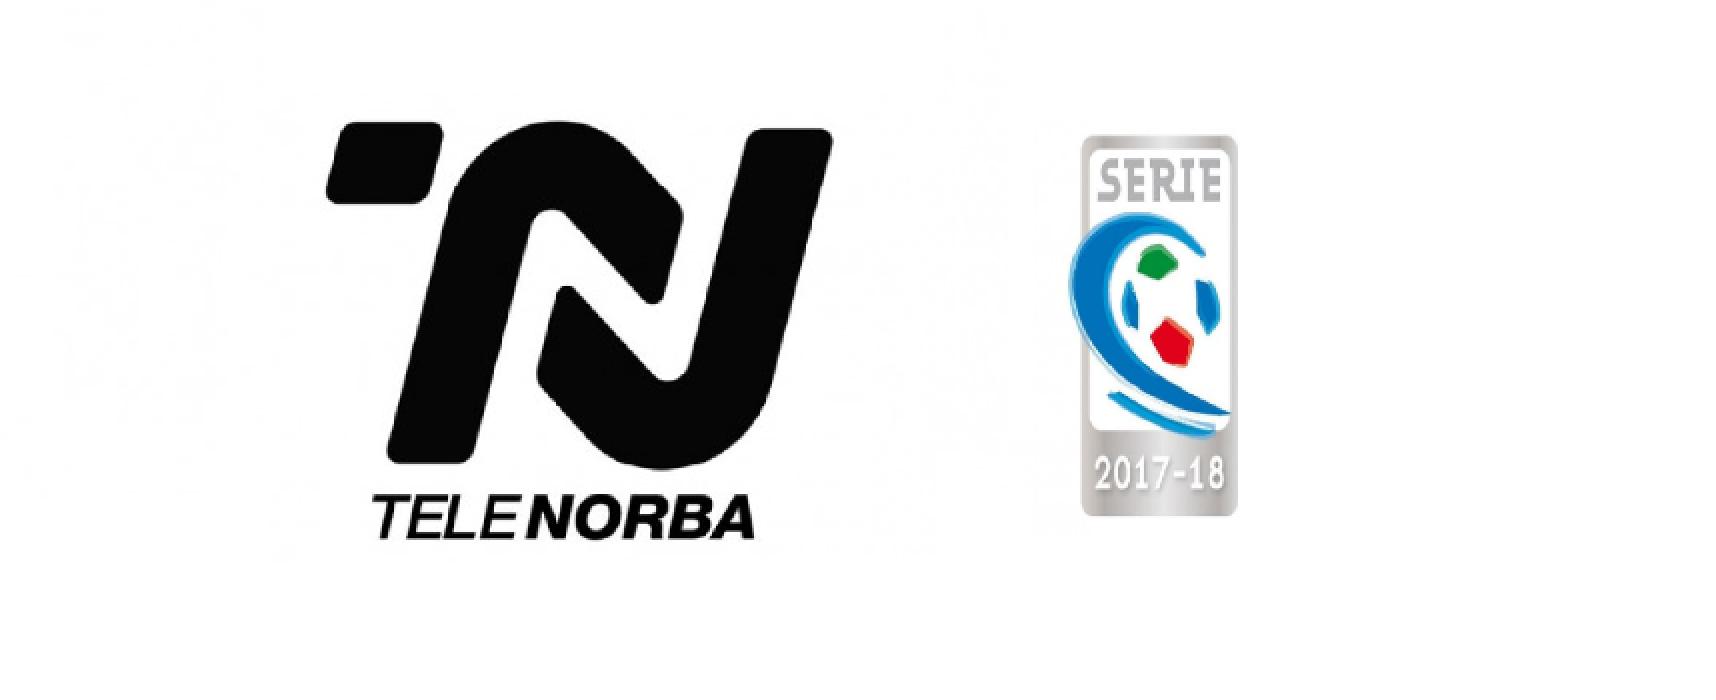 Calcio, serie C: Telenorba acquista i diritti televisivi per le gare esterne delle pugliesi